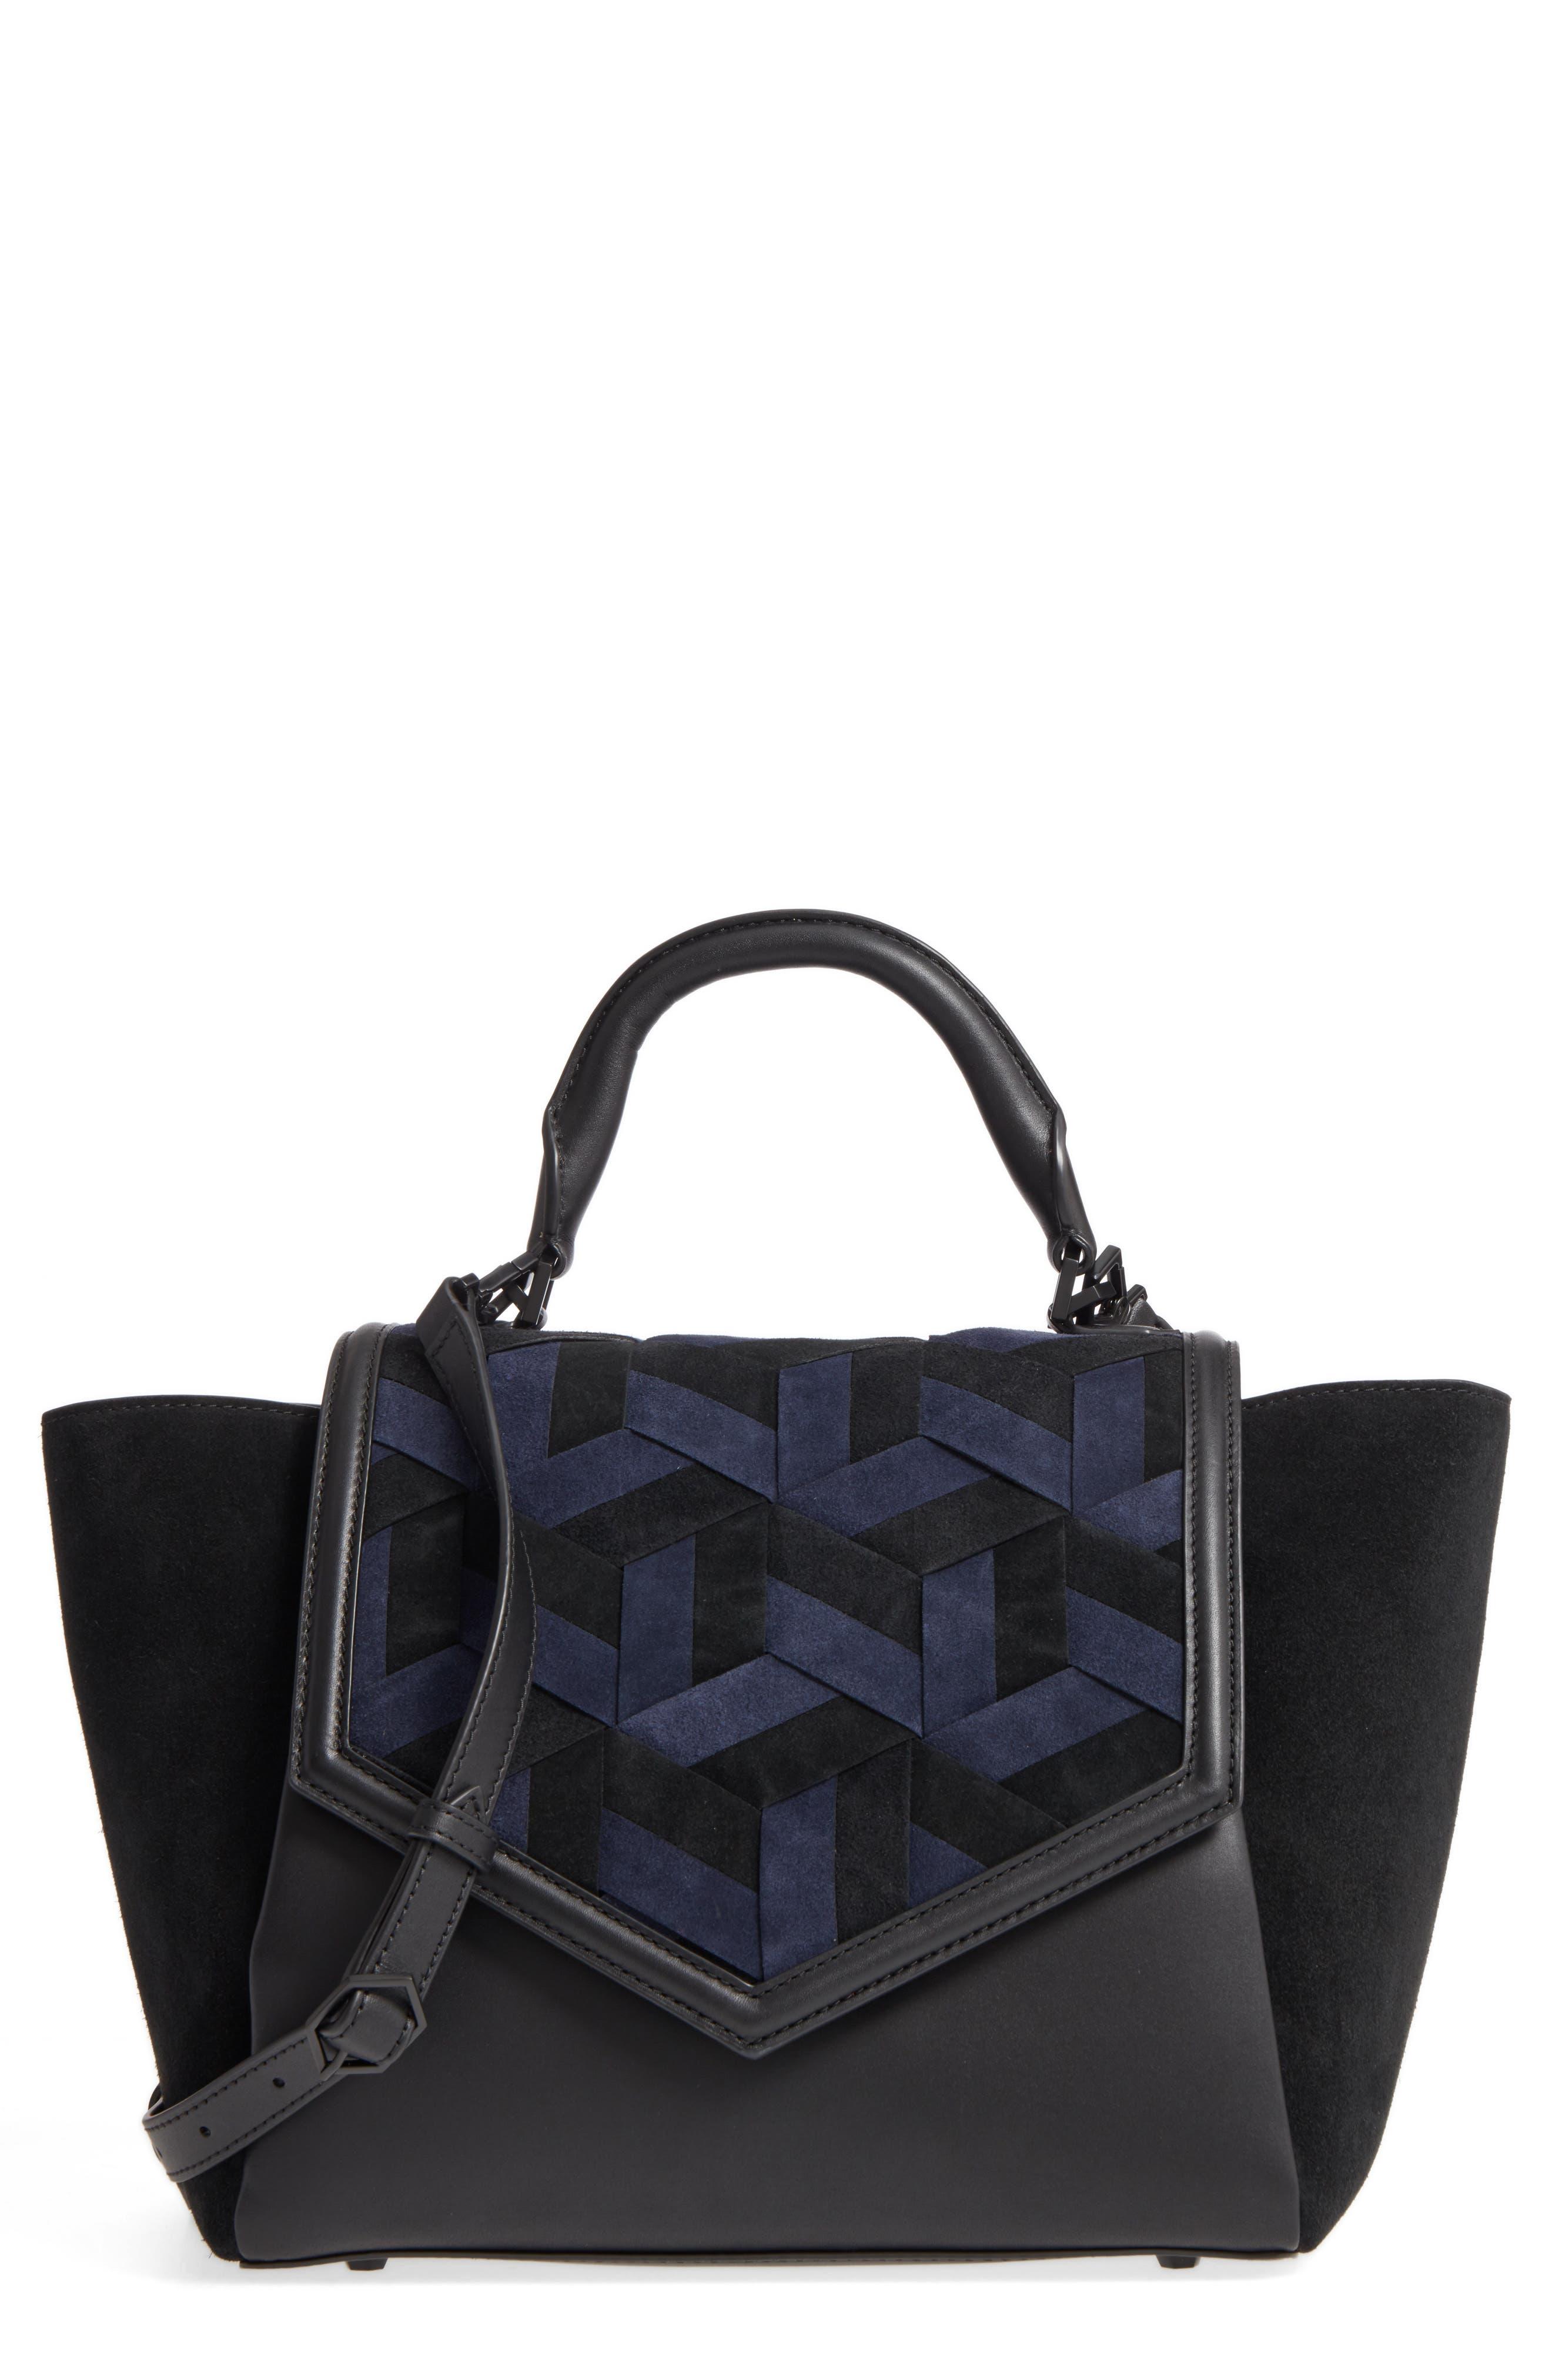 Main Image - WELDEN Saunter Colorblocked Leather & Suede Top Handle Satchel